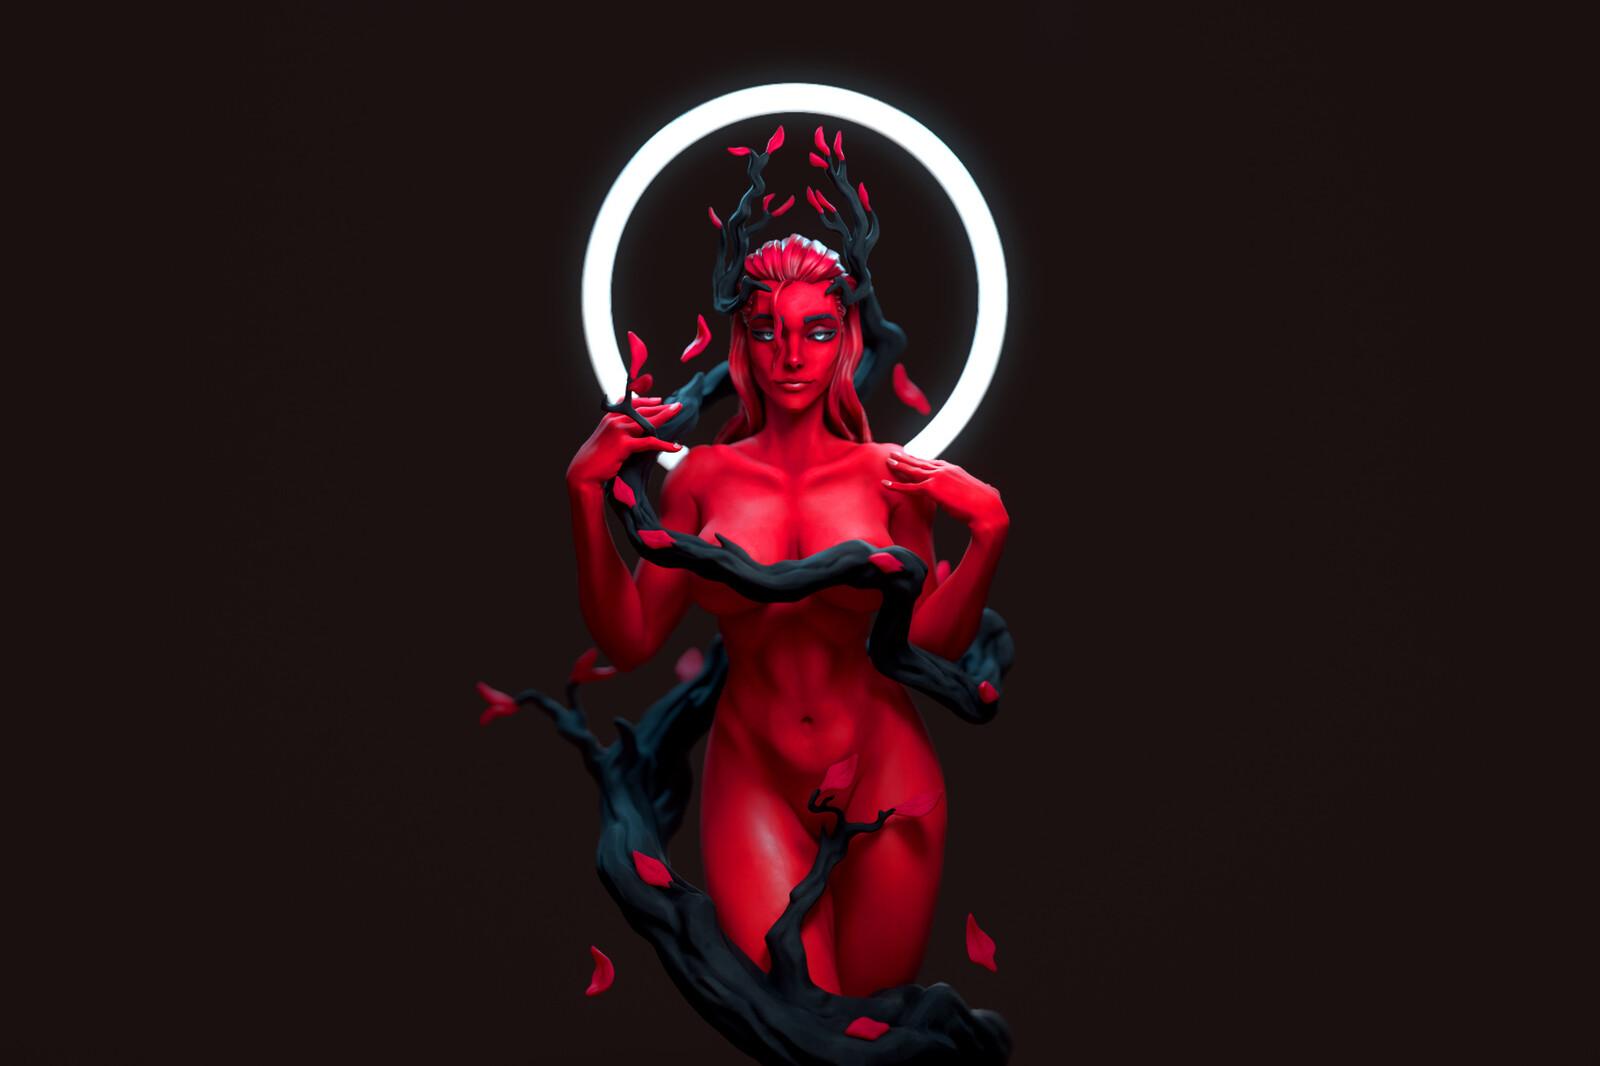 Red Series N°11 - 3D Printable Sculpt